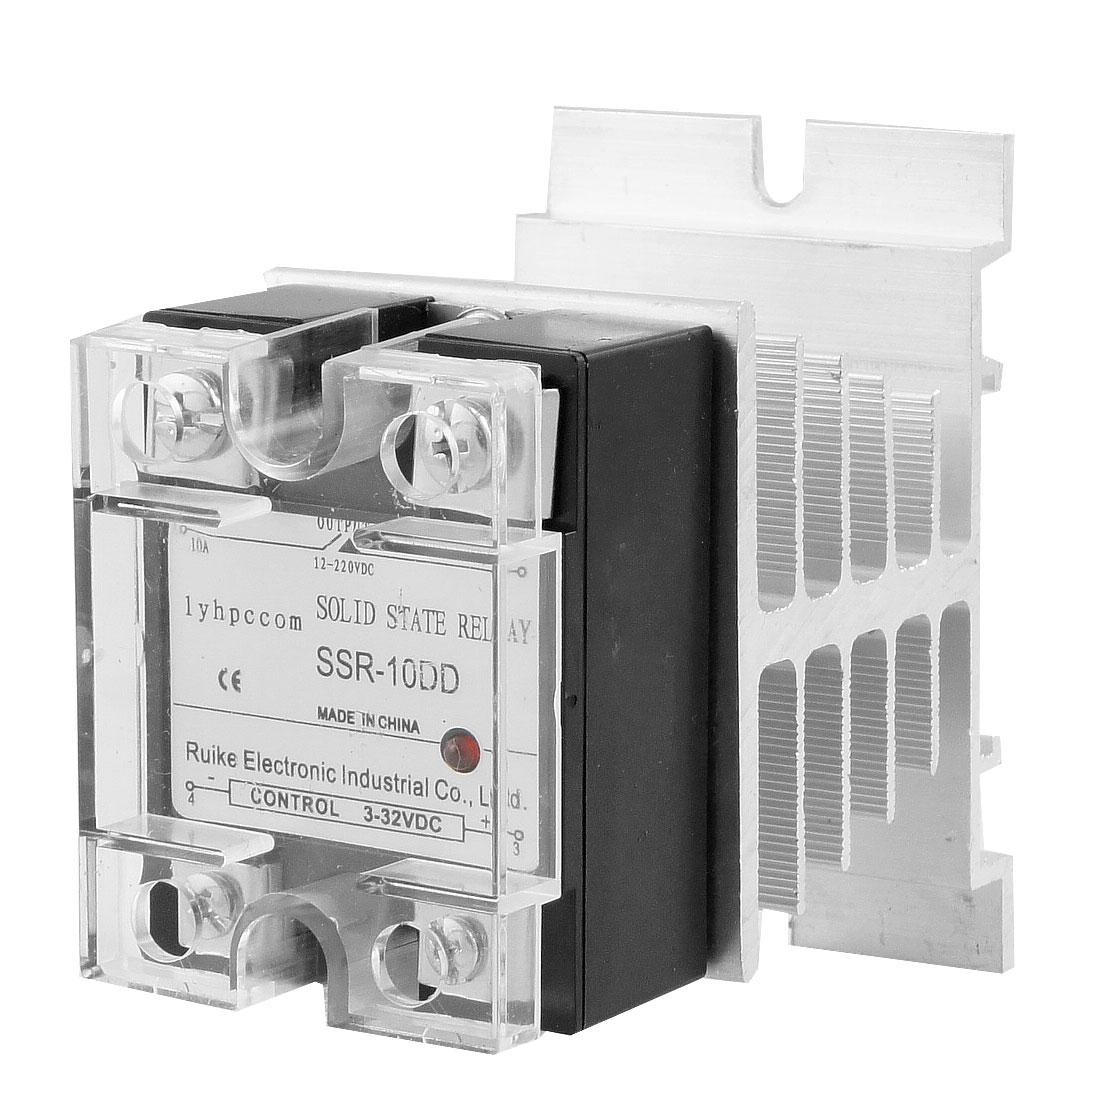 SSR-10DD 10A DC-DC Solid State Relay SSR DC 3-32V / DC 12-220V + Heat Sink